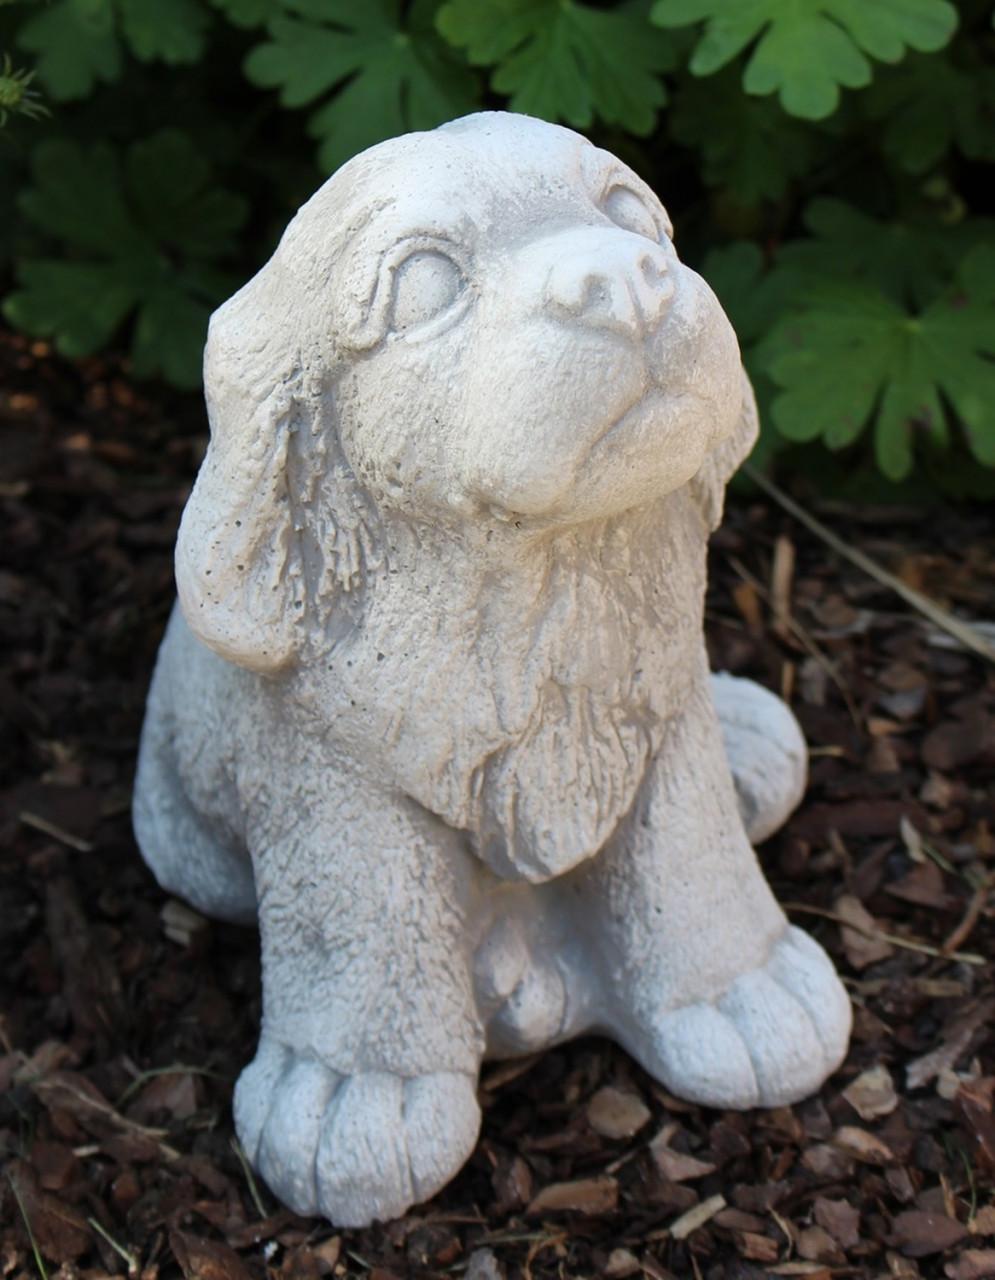 Dekofigur Deko Figur Tierfigur Gartenfigur kleiner Eisbär Höhe 15 cm aus Beton